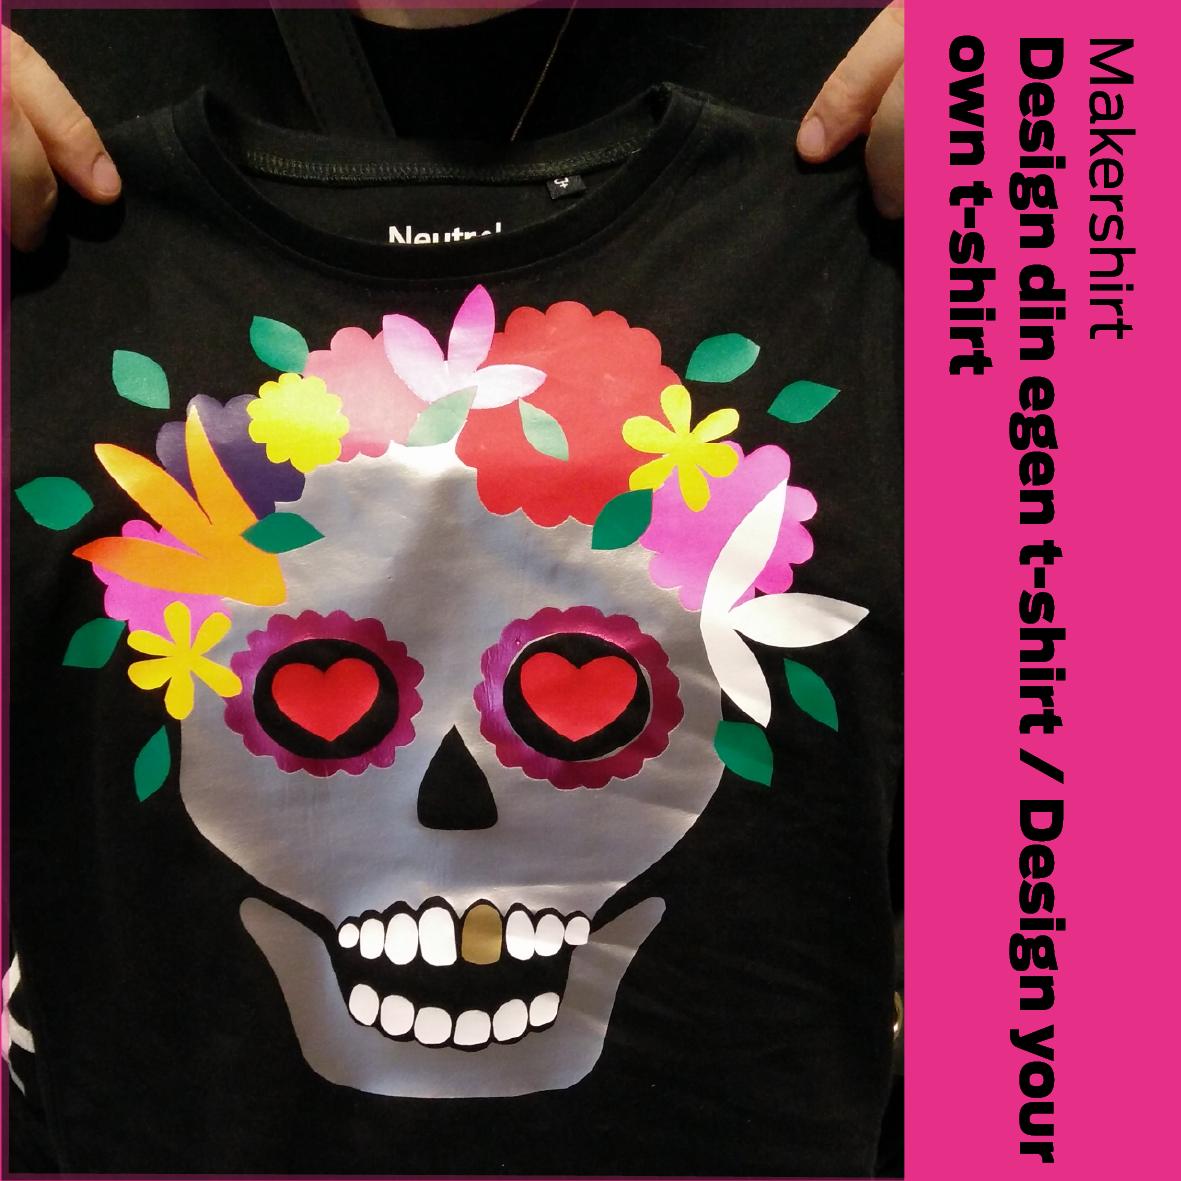 Makershirt (DK): Design din egen t-shirt / Design your own T-shirt